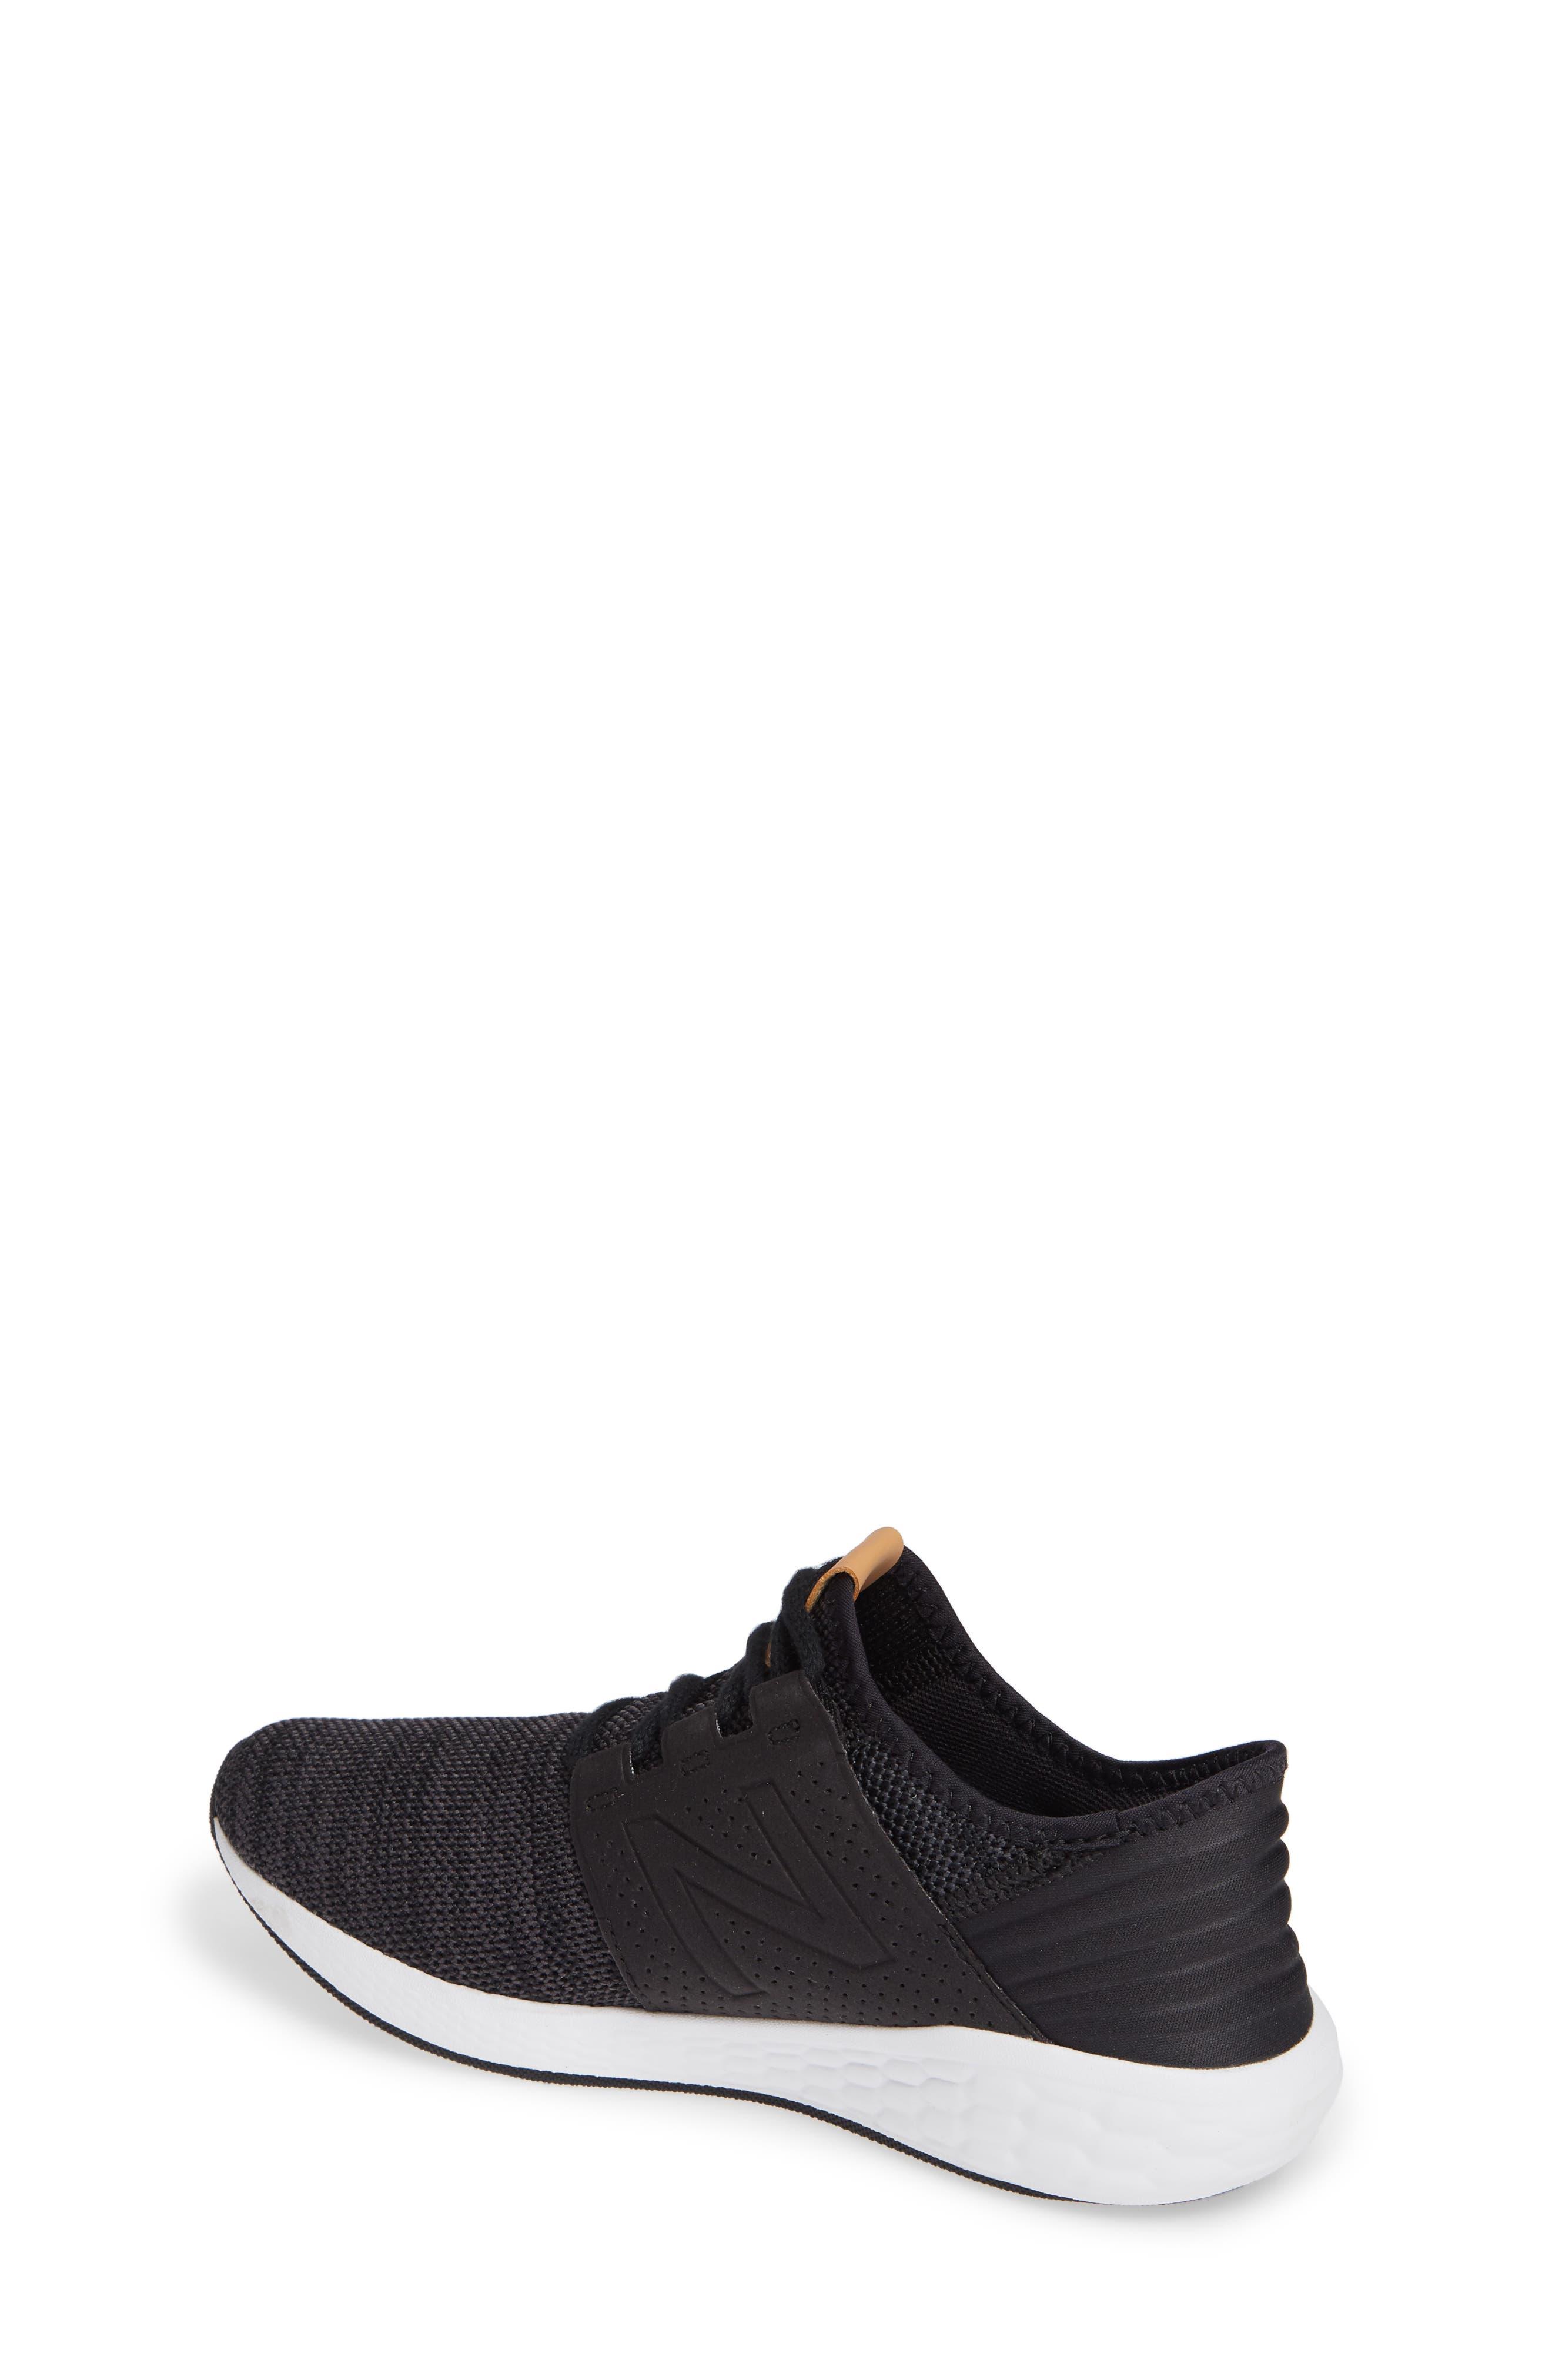 Cruz V2 Sport Sneaker,                             Alternate thumbnail 2, color,                             BLACK/ MAGNET